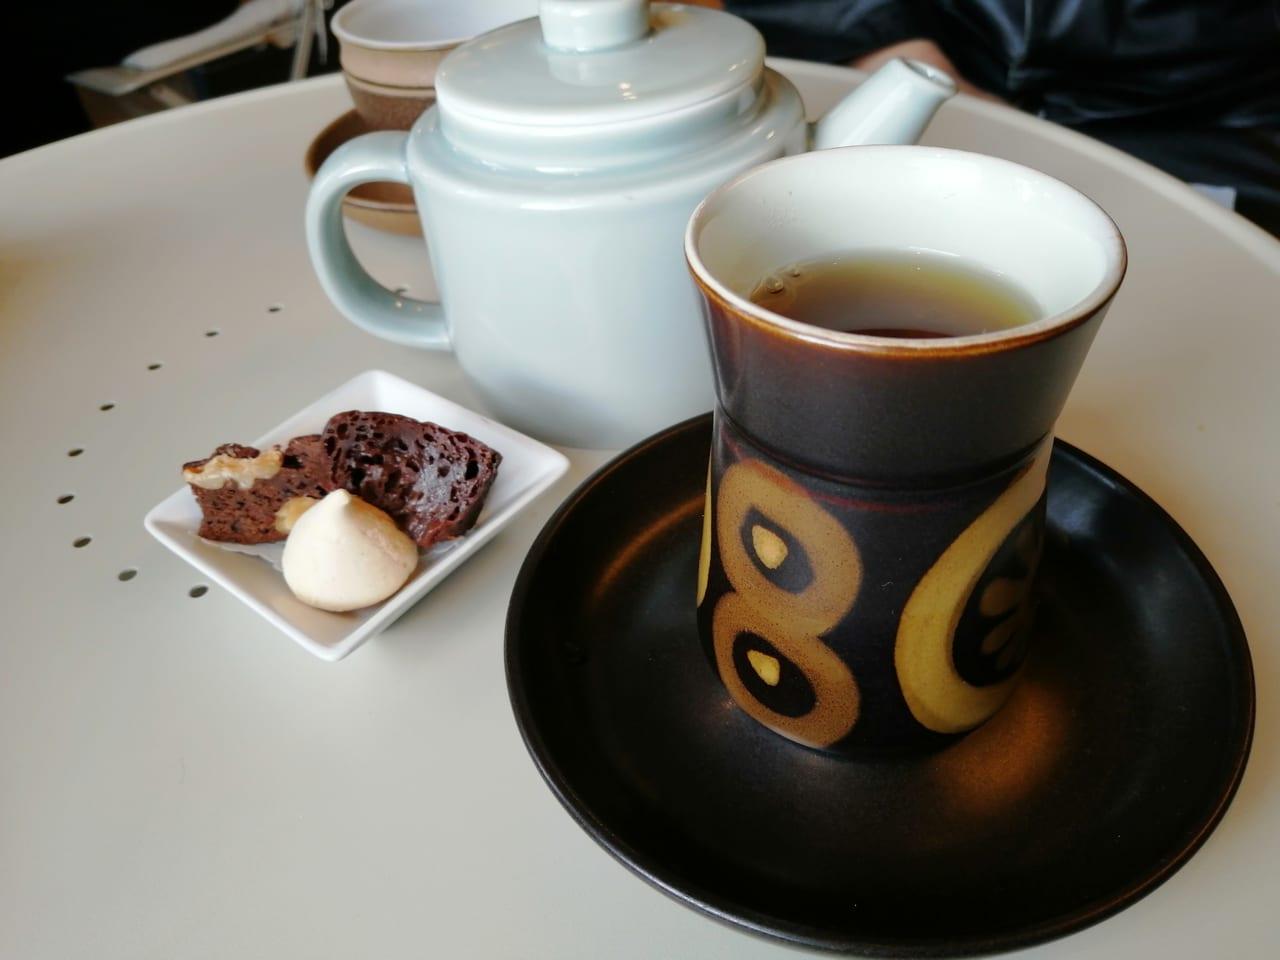 ボンボニエール紅茶